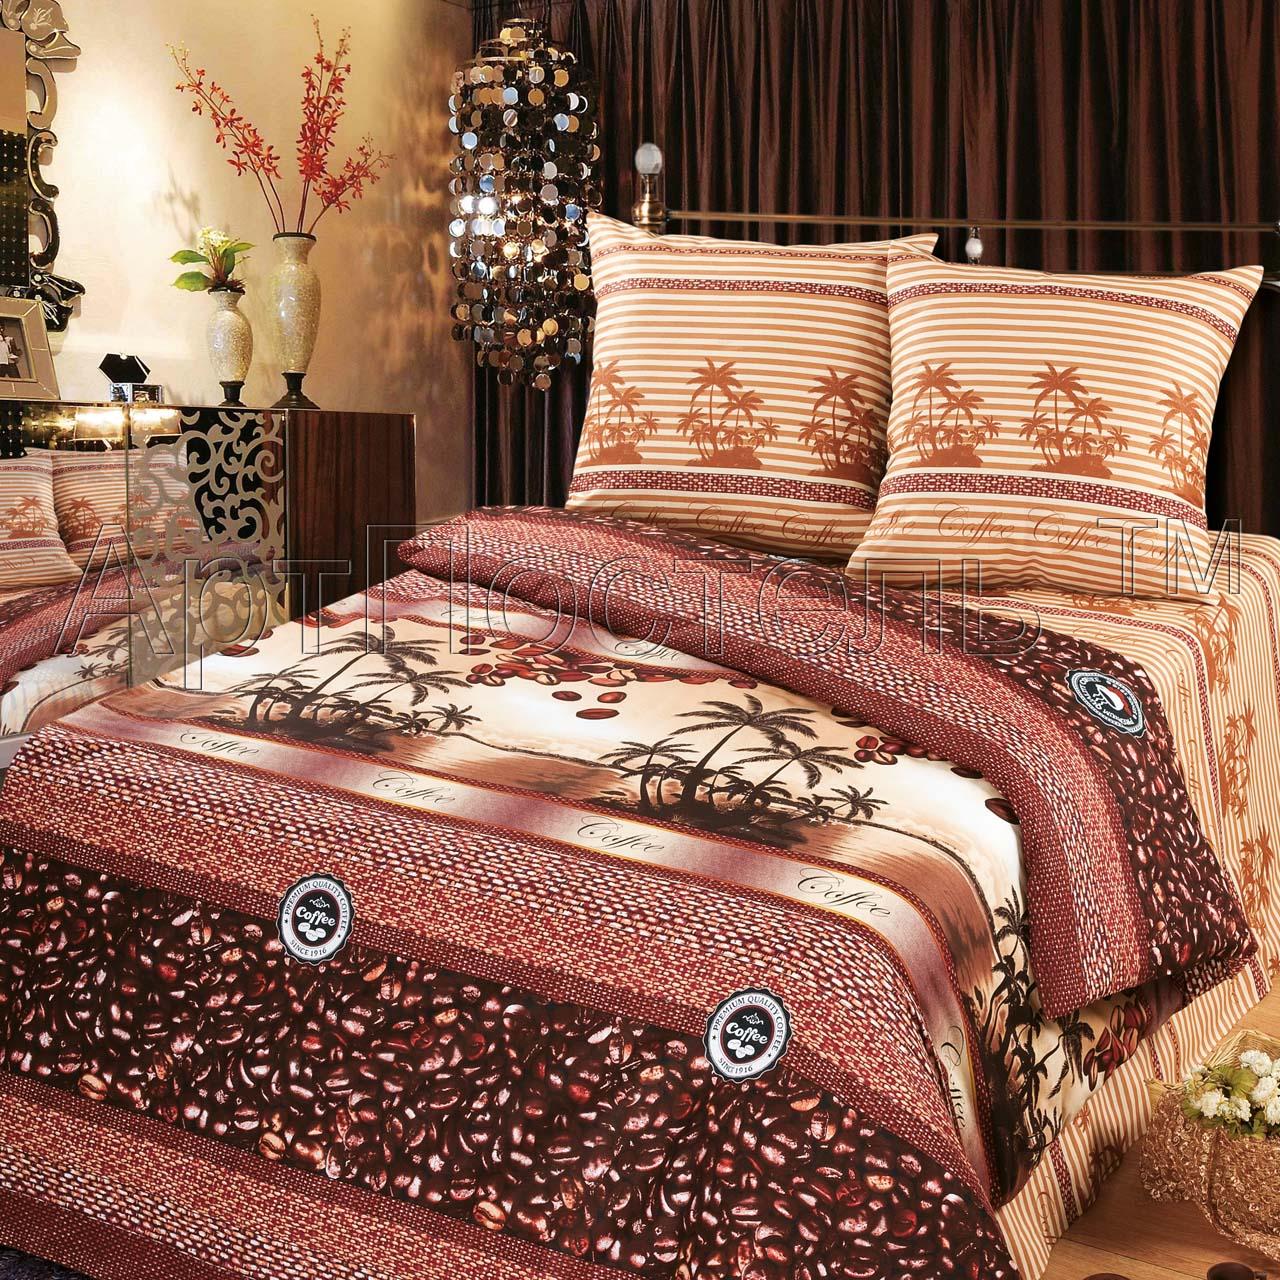 КПБ Зима-Лето  Кофе , размер 2,0-спальный с европростыней - Постельное белье артикул: 9001